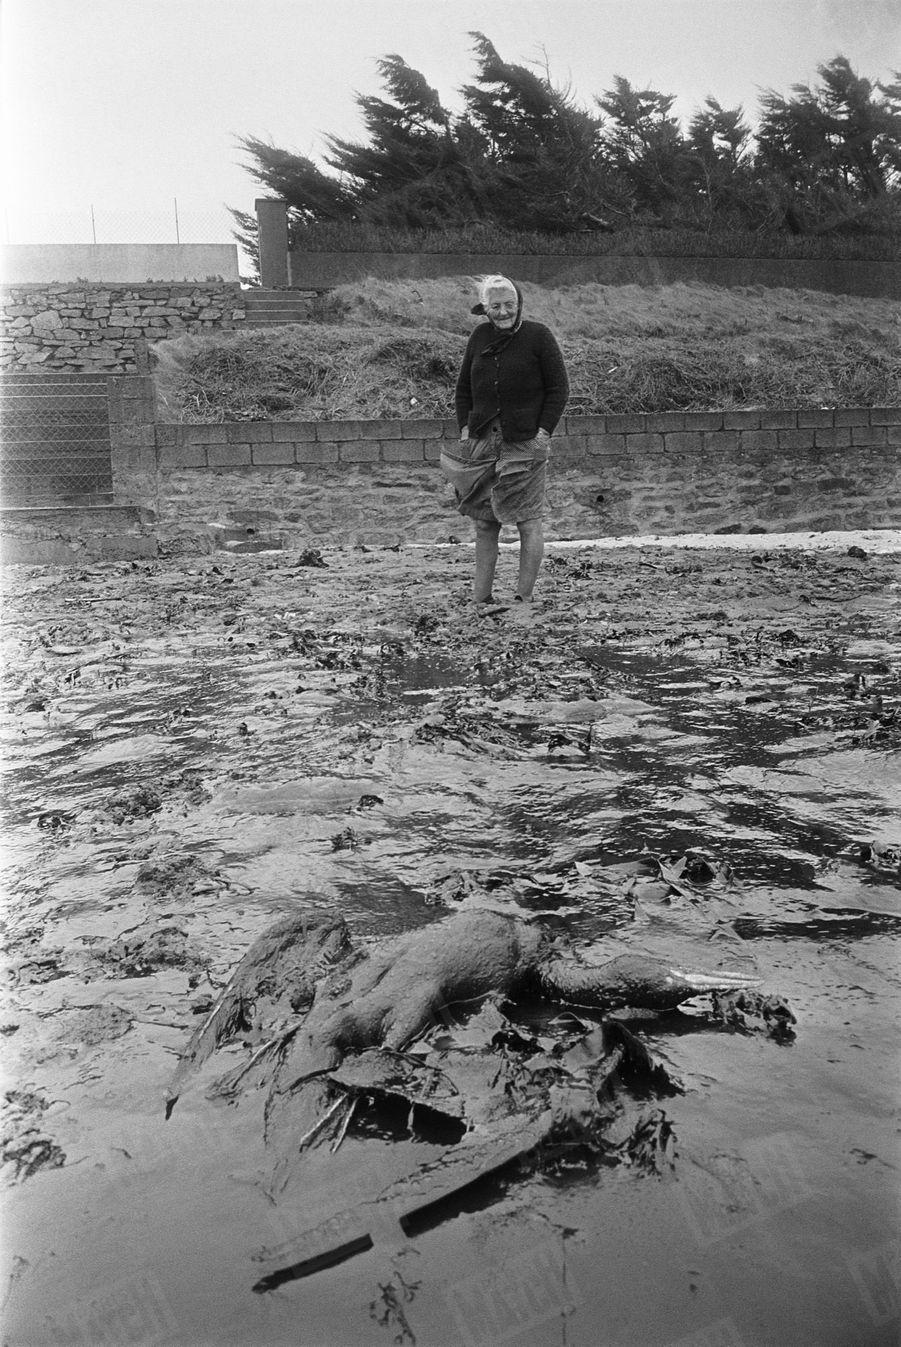 Marie-Jeanne Salou, Bretonne de 69 ans, devant un oiseau mort sur la plage polluée de Kersaint, près de chez elle, le 19 mars 1978. Trois jours plus tôt, le pétrolier géant Amoco Cadiz, immatriculé au Libéria et affrété par la compagnie américaine Amoco Transport, s'est échoué sur les rochers de Men Goulven, au large du village de Portsall, en Bretagne. Les cuves brisées déversent dans la mer 227 000 tonnes de pétrole brut, auxquelles s'ajoutent 3 000 tonnes de fuel, provoquant une gigantesque marée noire sur plusieurs centaines de kilomètres le long des côtes bretonnes.